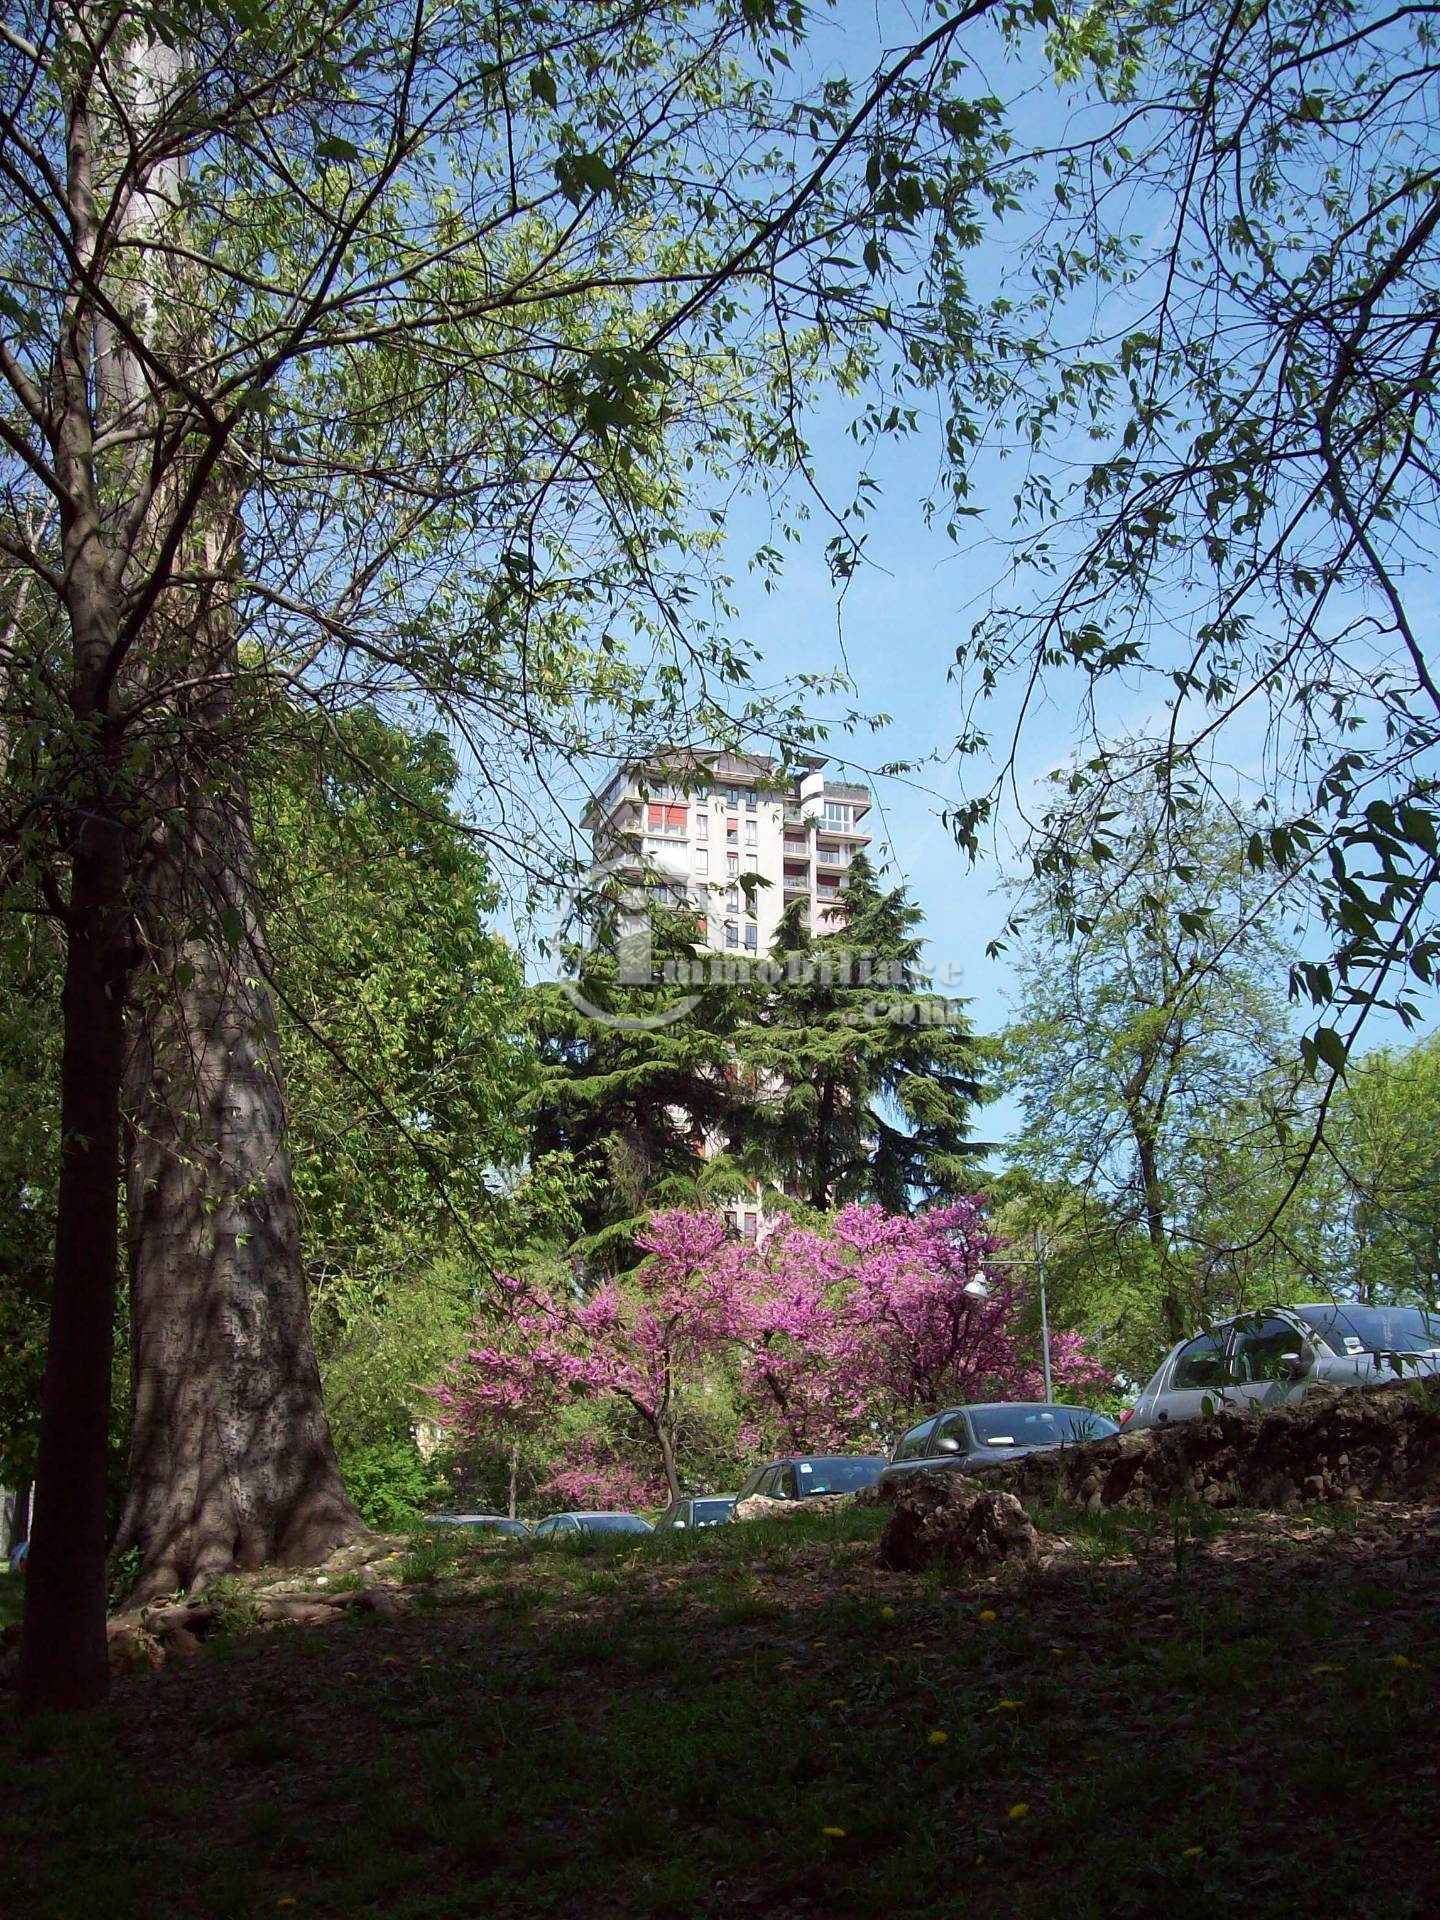 Attico in Vendita a Milano: 5 locali, 190 mq - Foto 4